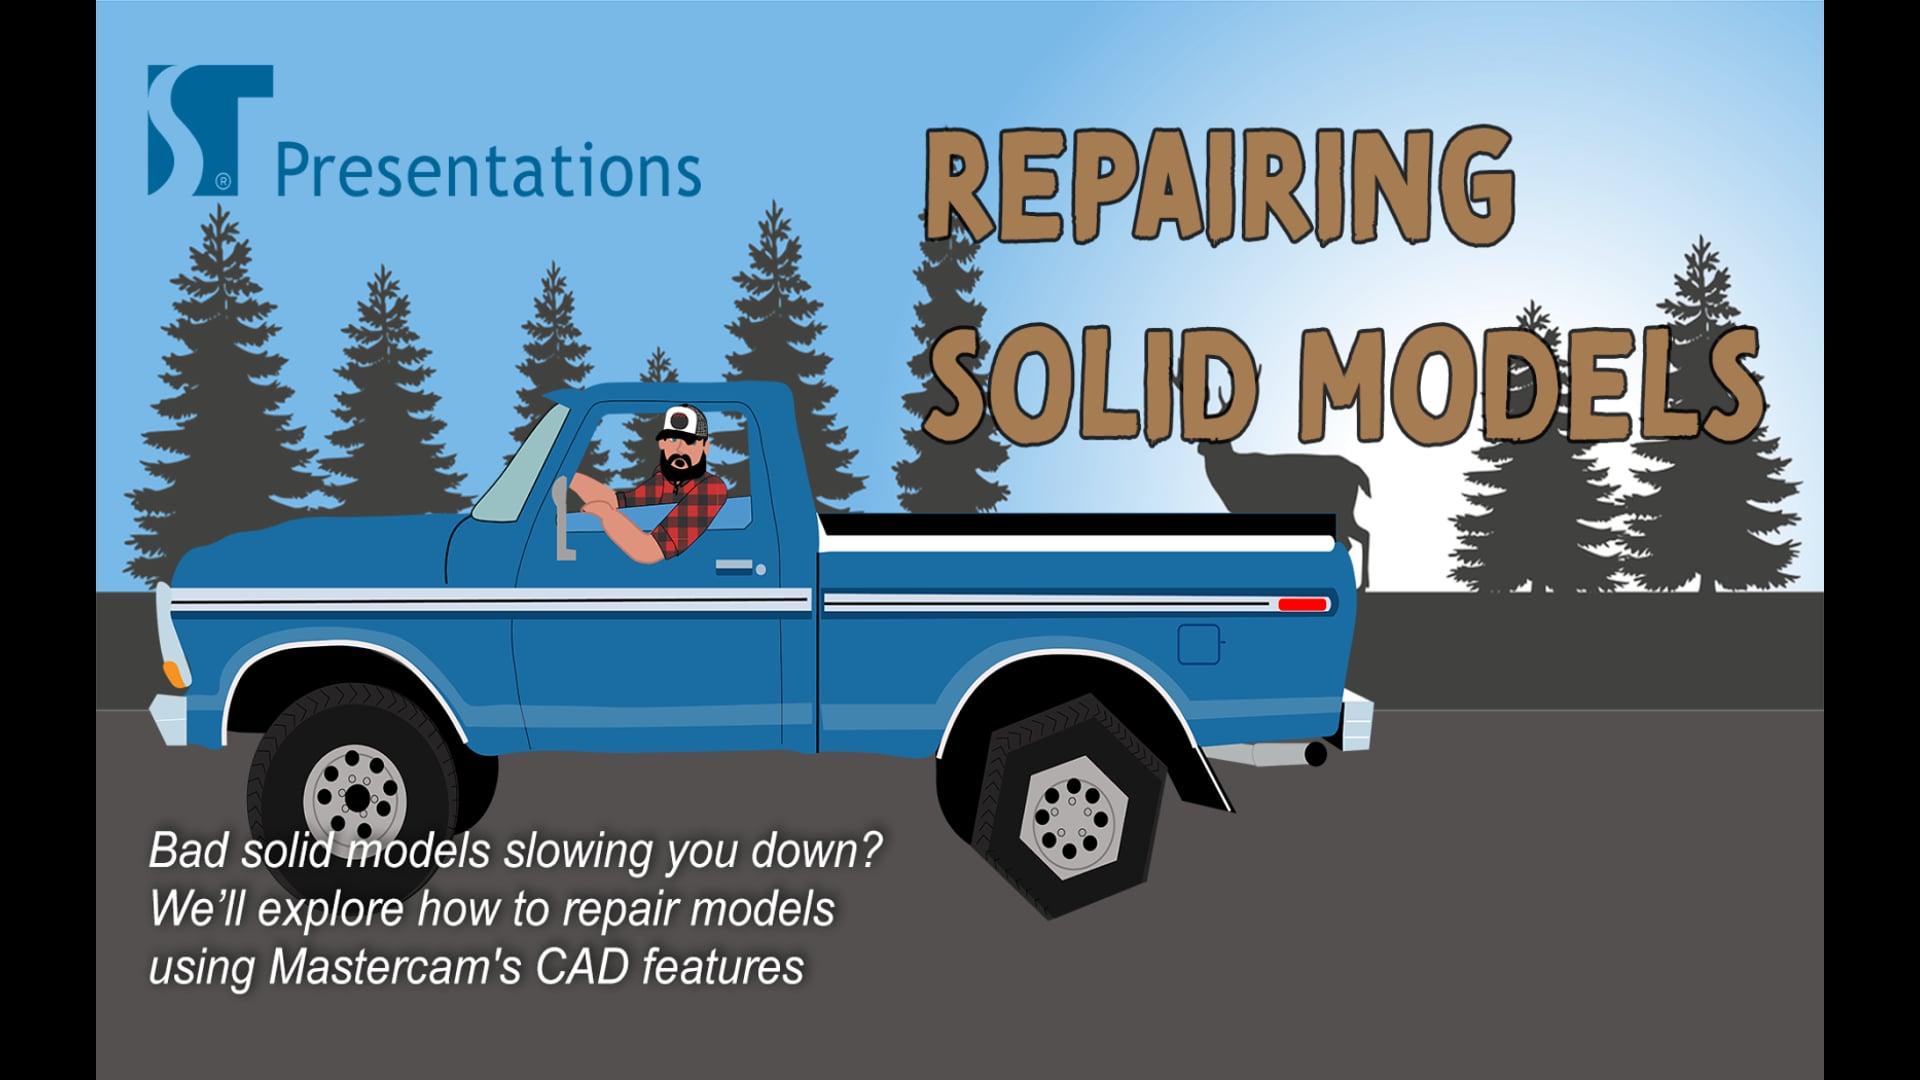 Repairing Solid Models